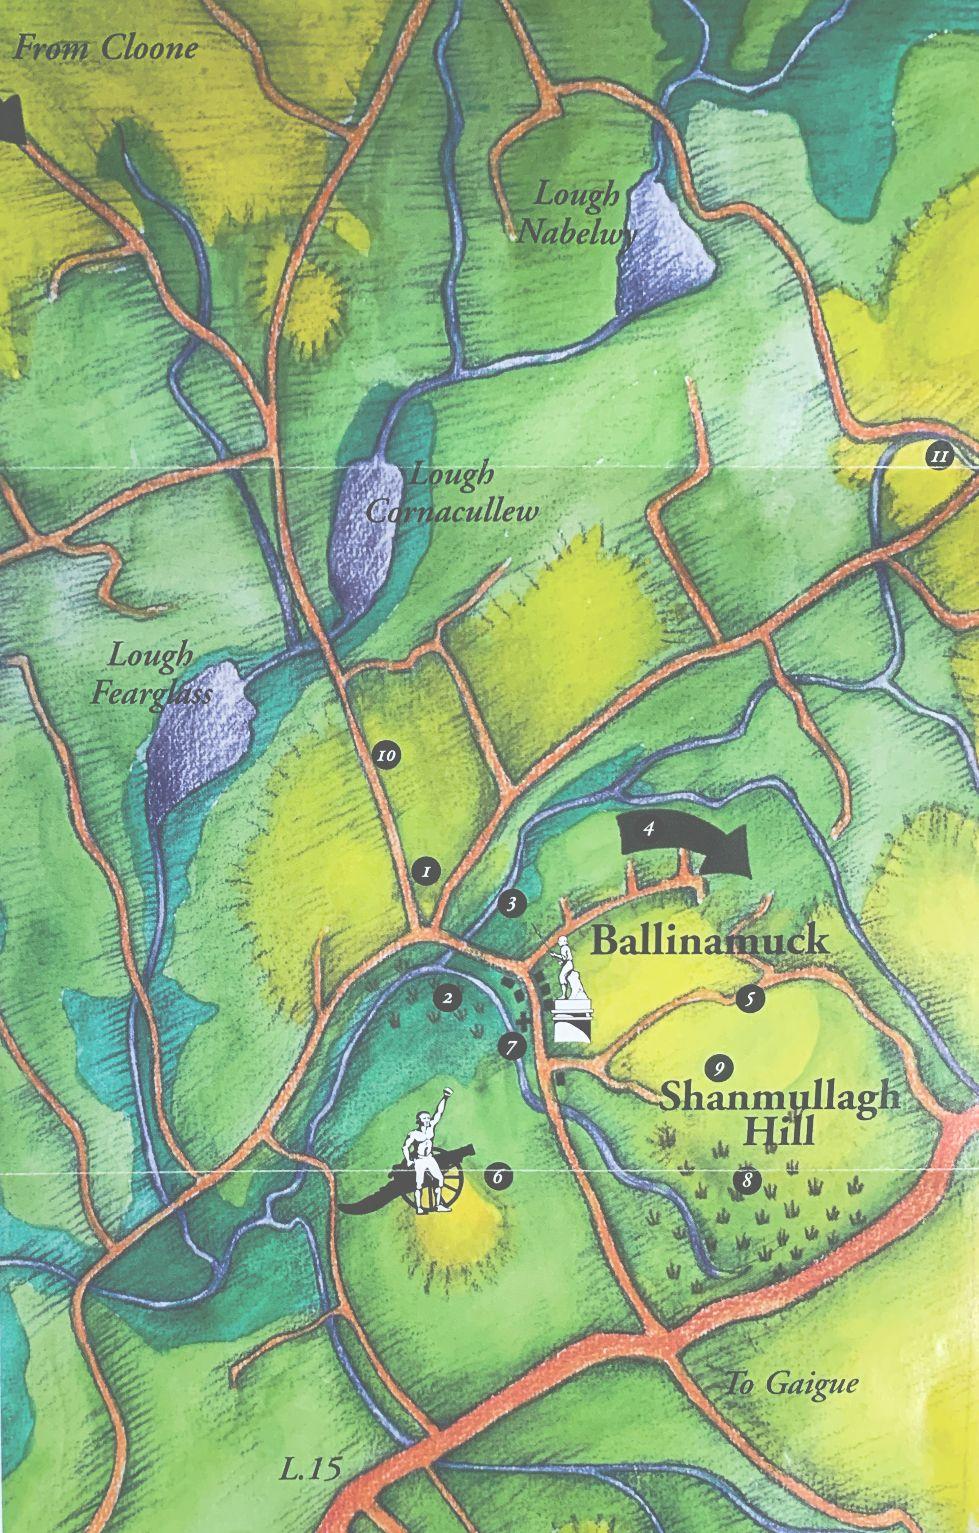 battle of ballinamuck map